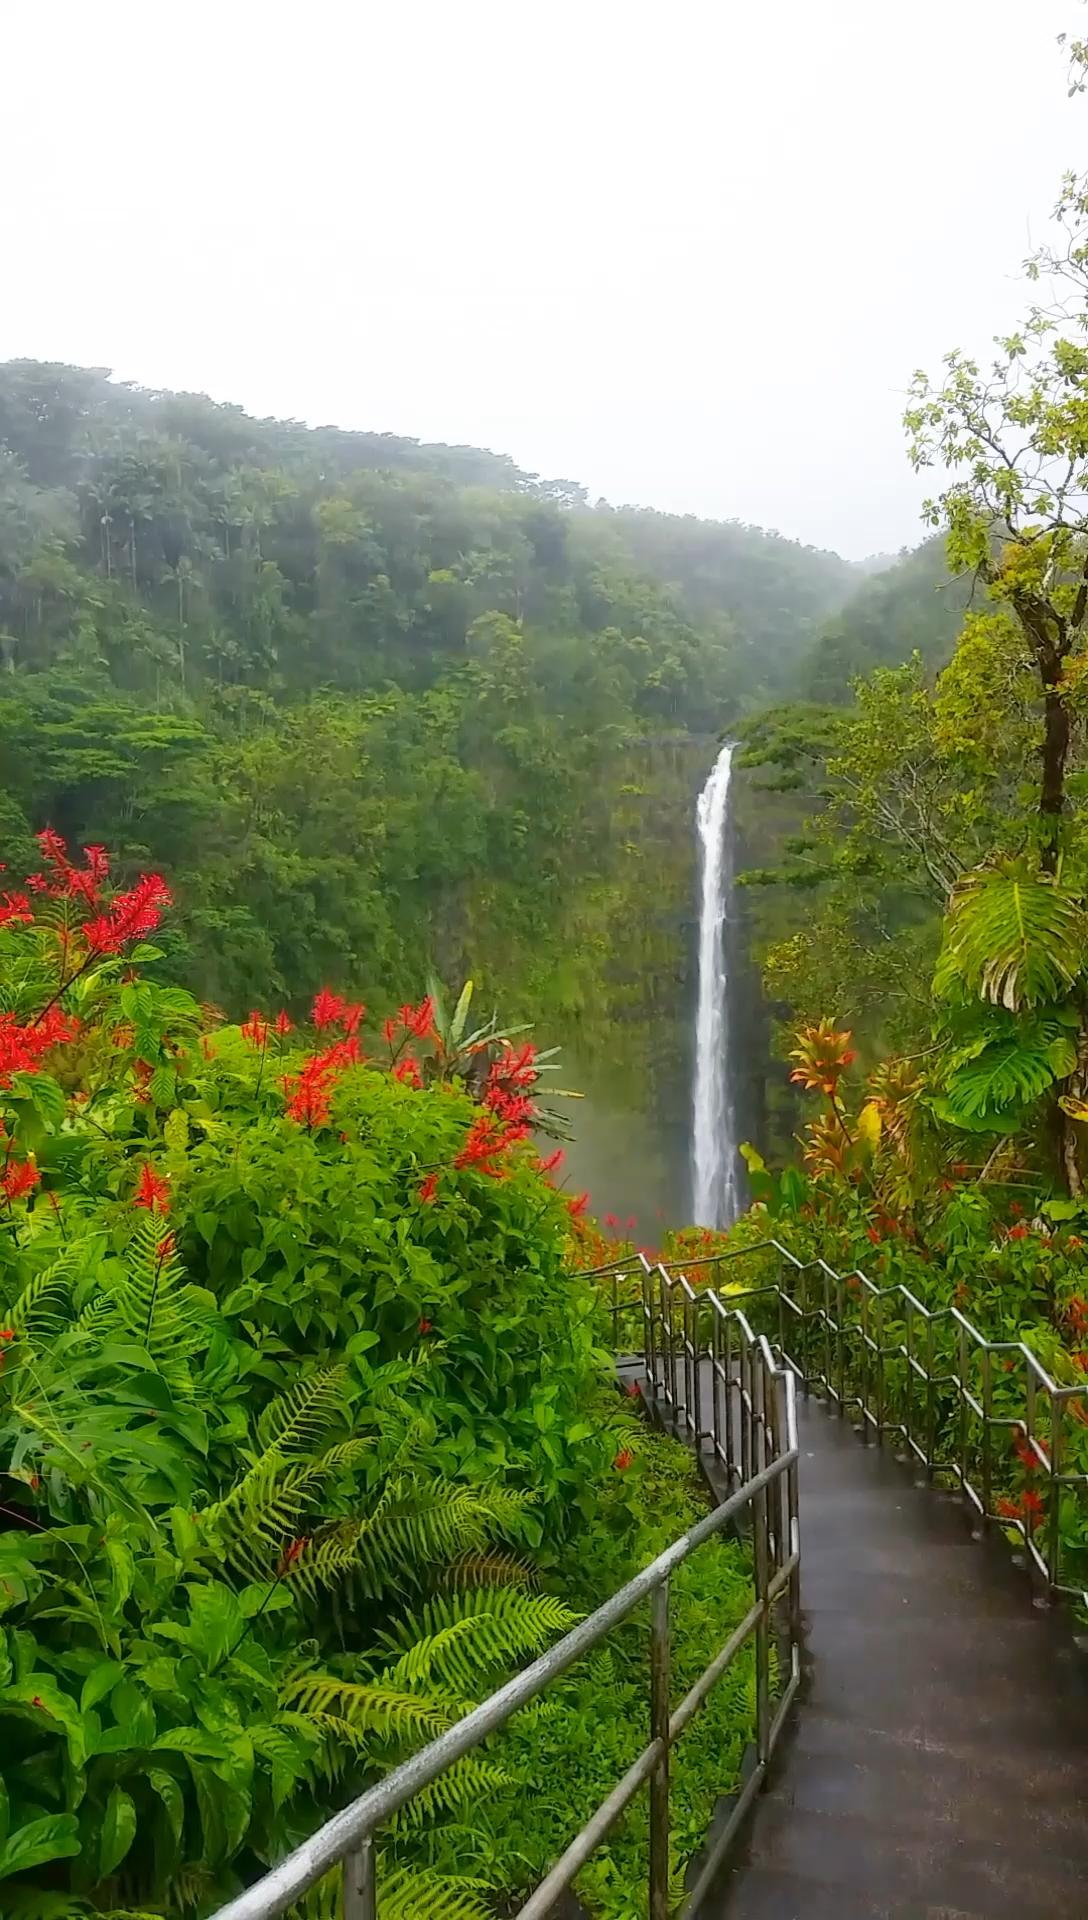 Akaka Falls loop trail in Hawaii